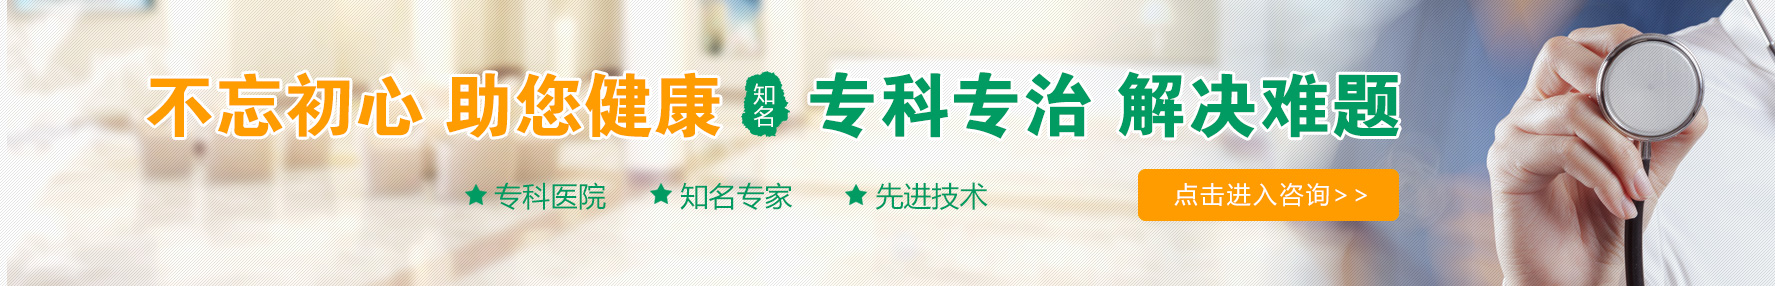 徐州医疗美容在线视频偷国产精品banner